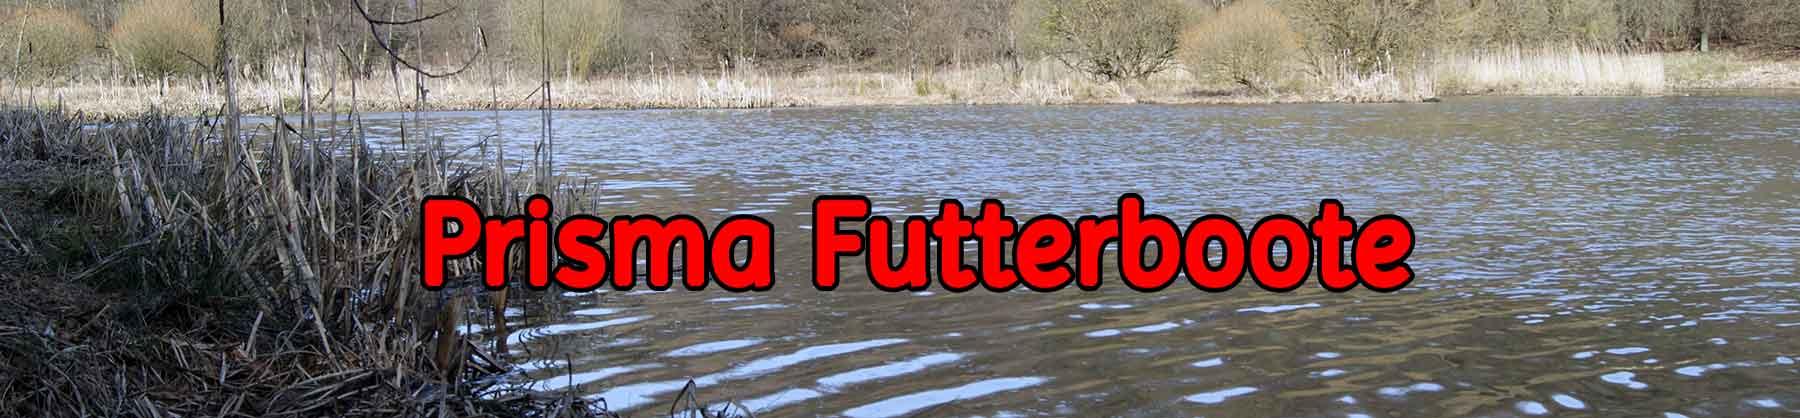 Prisma Futterboote